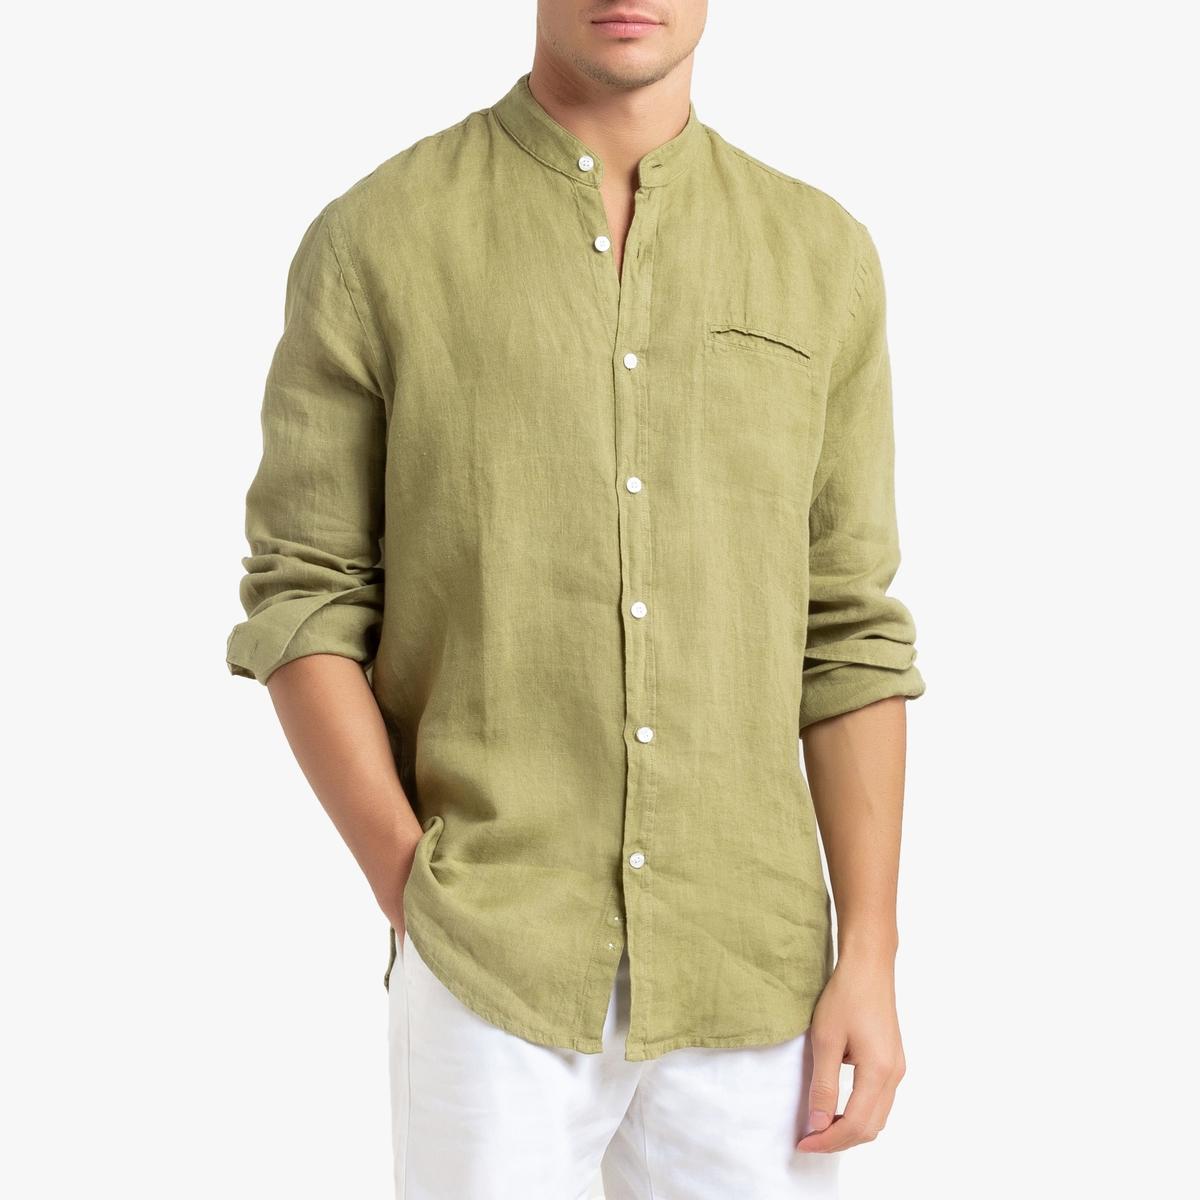 Camisa regular em linho, gola mao, Clément